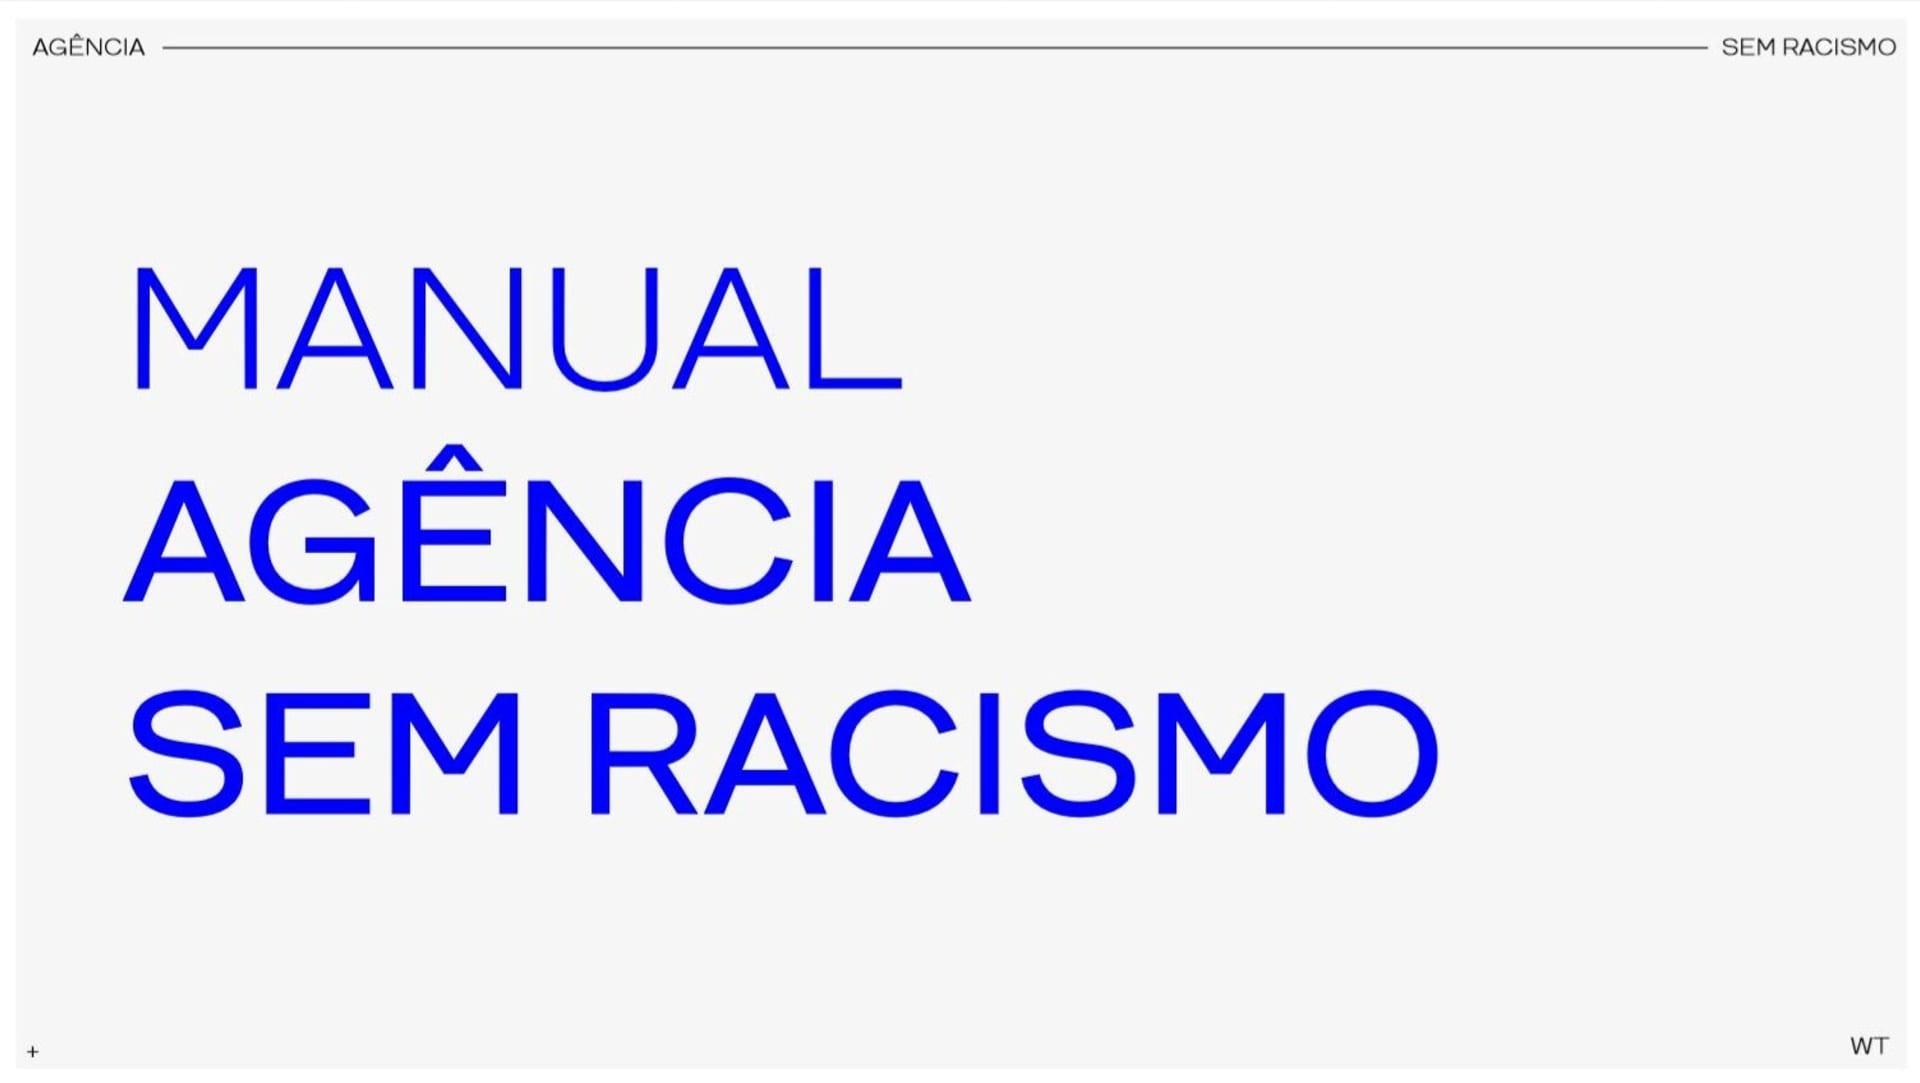 Capa Manual Agência Sem Racismo, fundo cinza com letras azuis